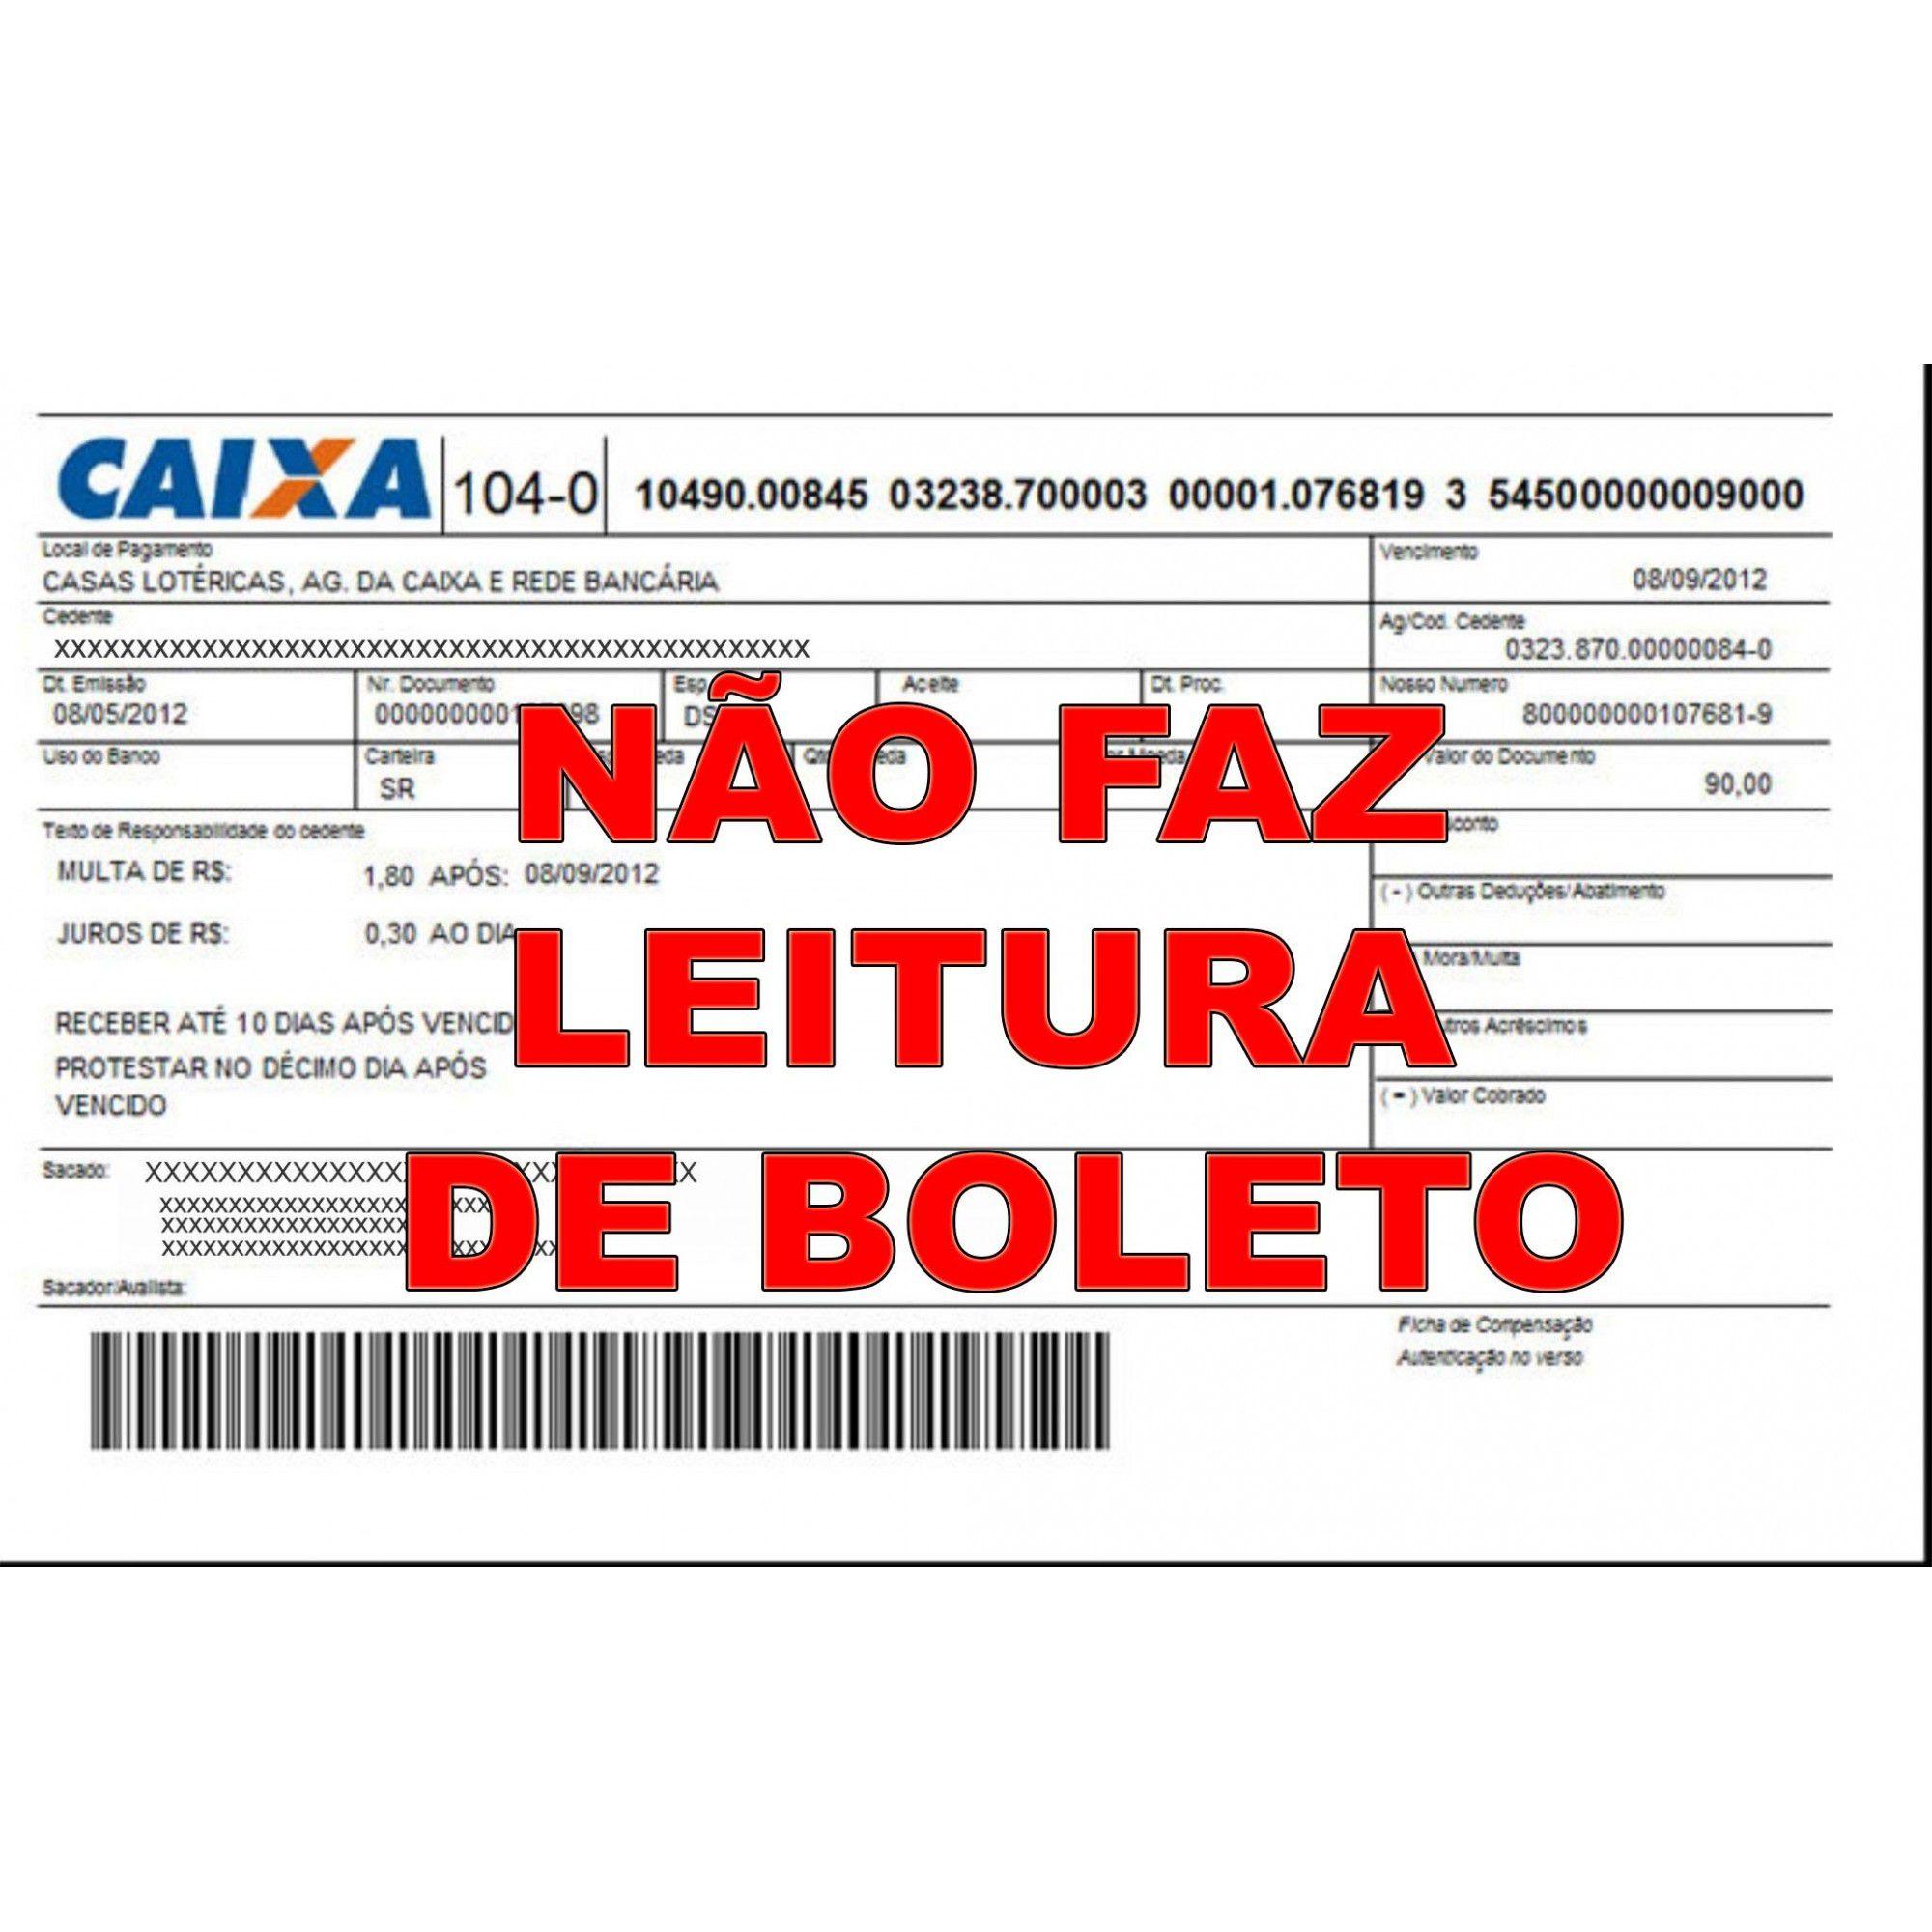 Leitor De Codigo De Barras Pctop Cmos 2d (Realiza Leitura Na Tela) - Lcb2d-Pr